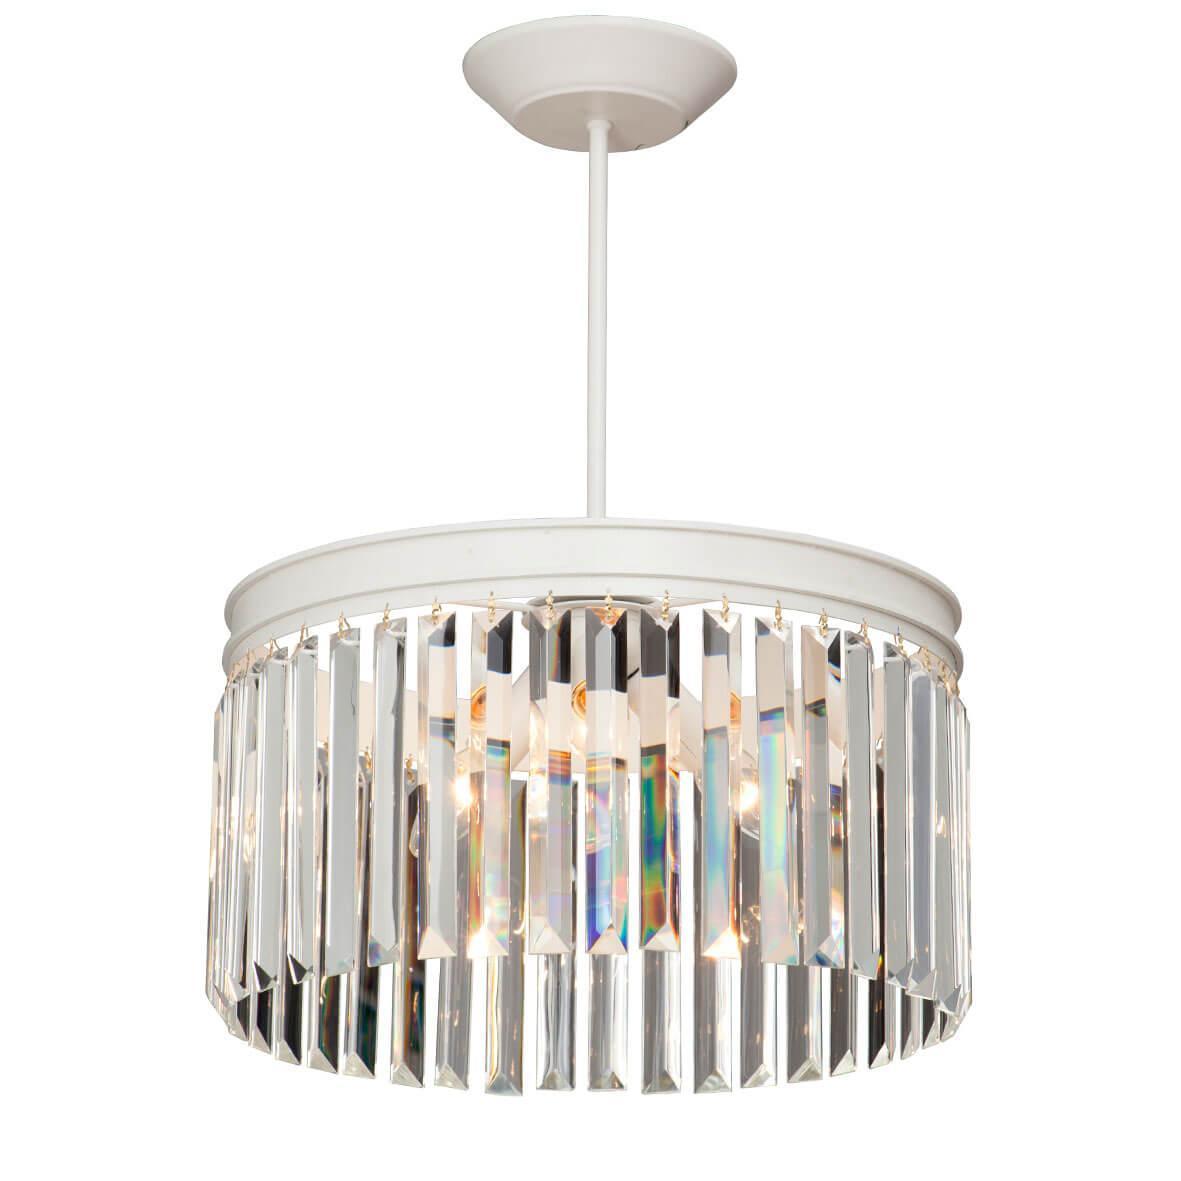 Потолочный светильник Vitaluce V5153-0/3PL, E14, 60 Вт недорго, оригинальная цена